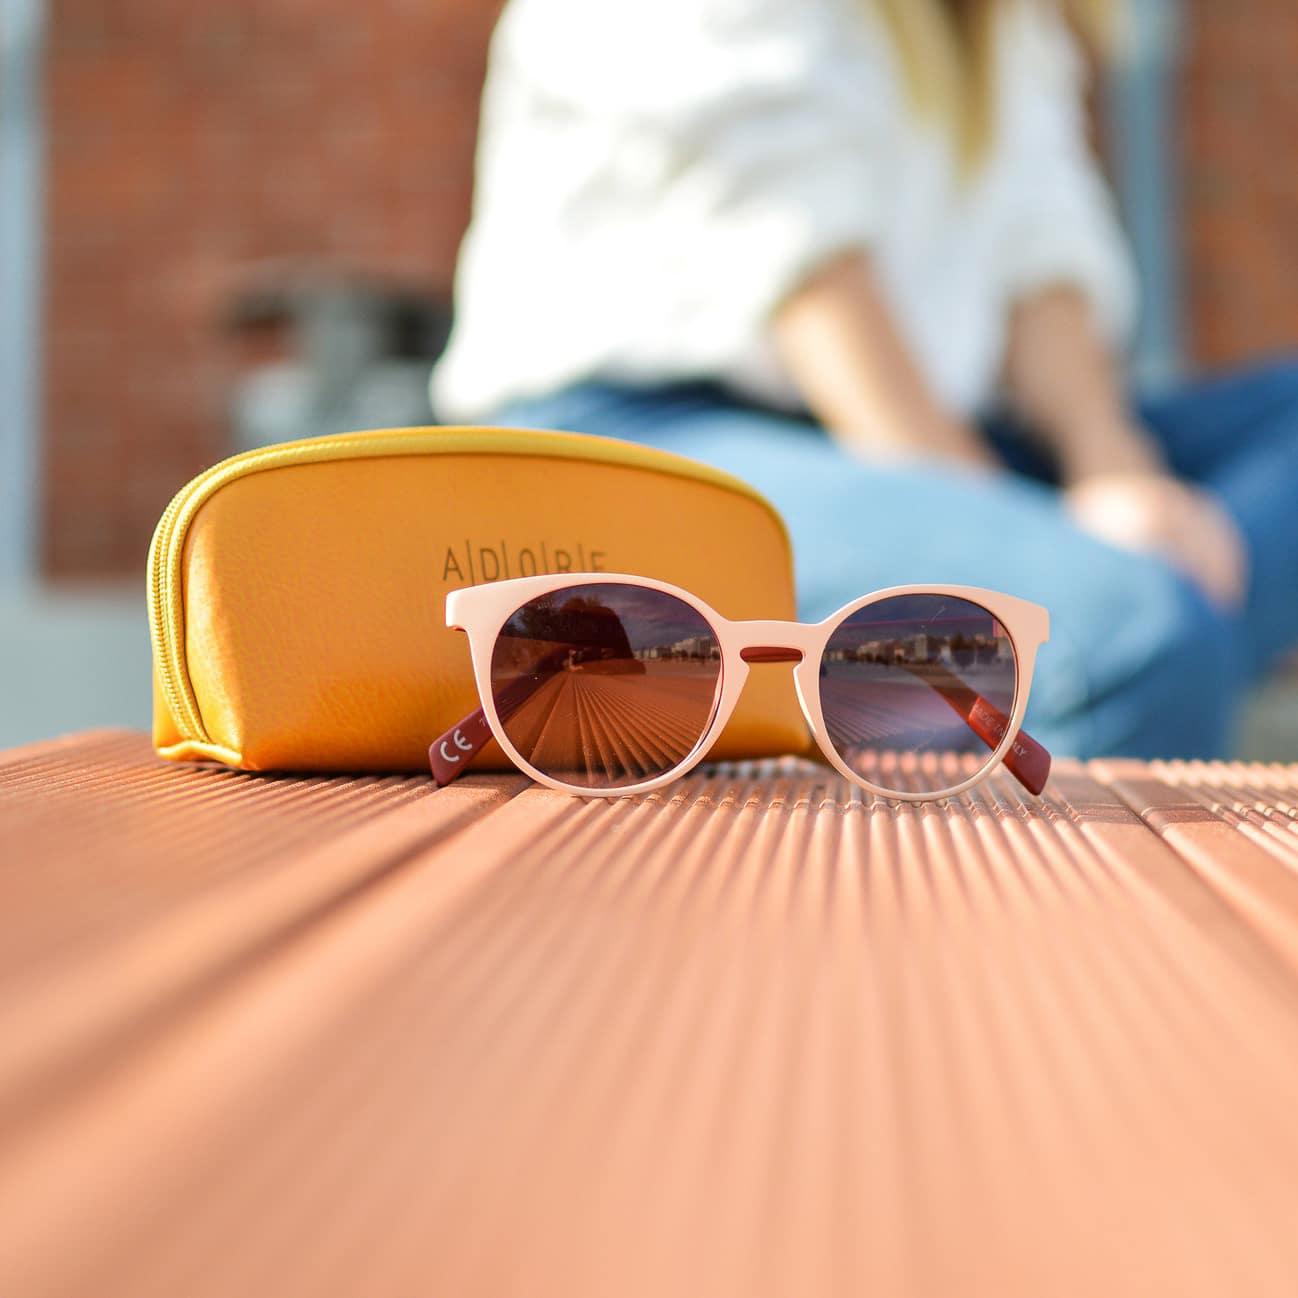 Lunettes de soleil responsables à mettre dans son sac de plage pour l'été